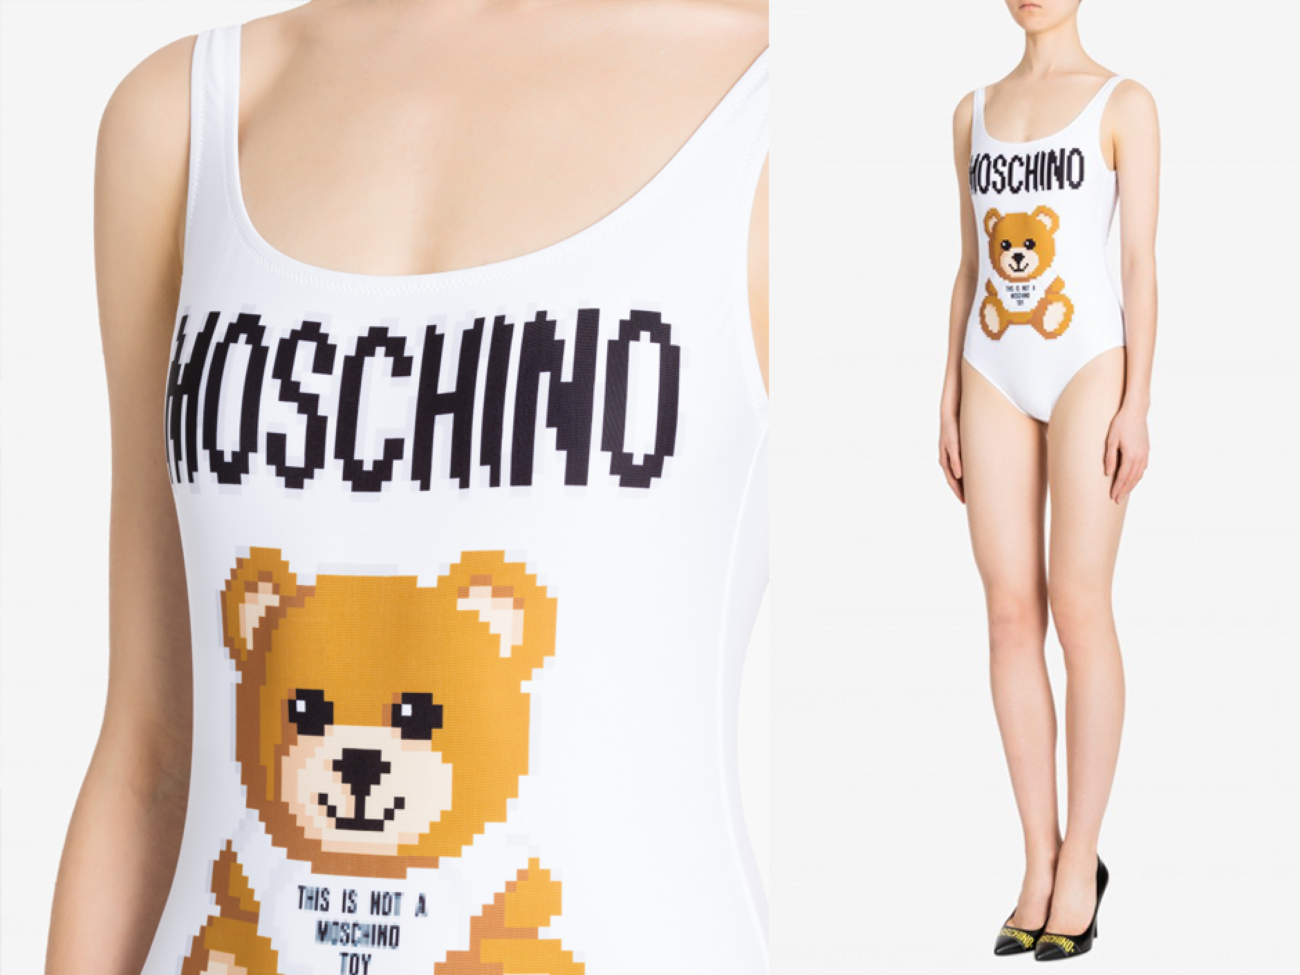 Costumi da bagno Moschino 2019